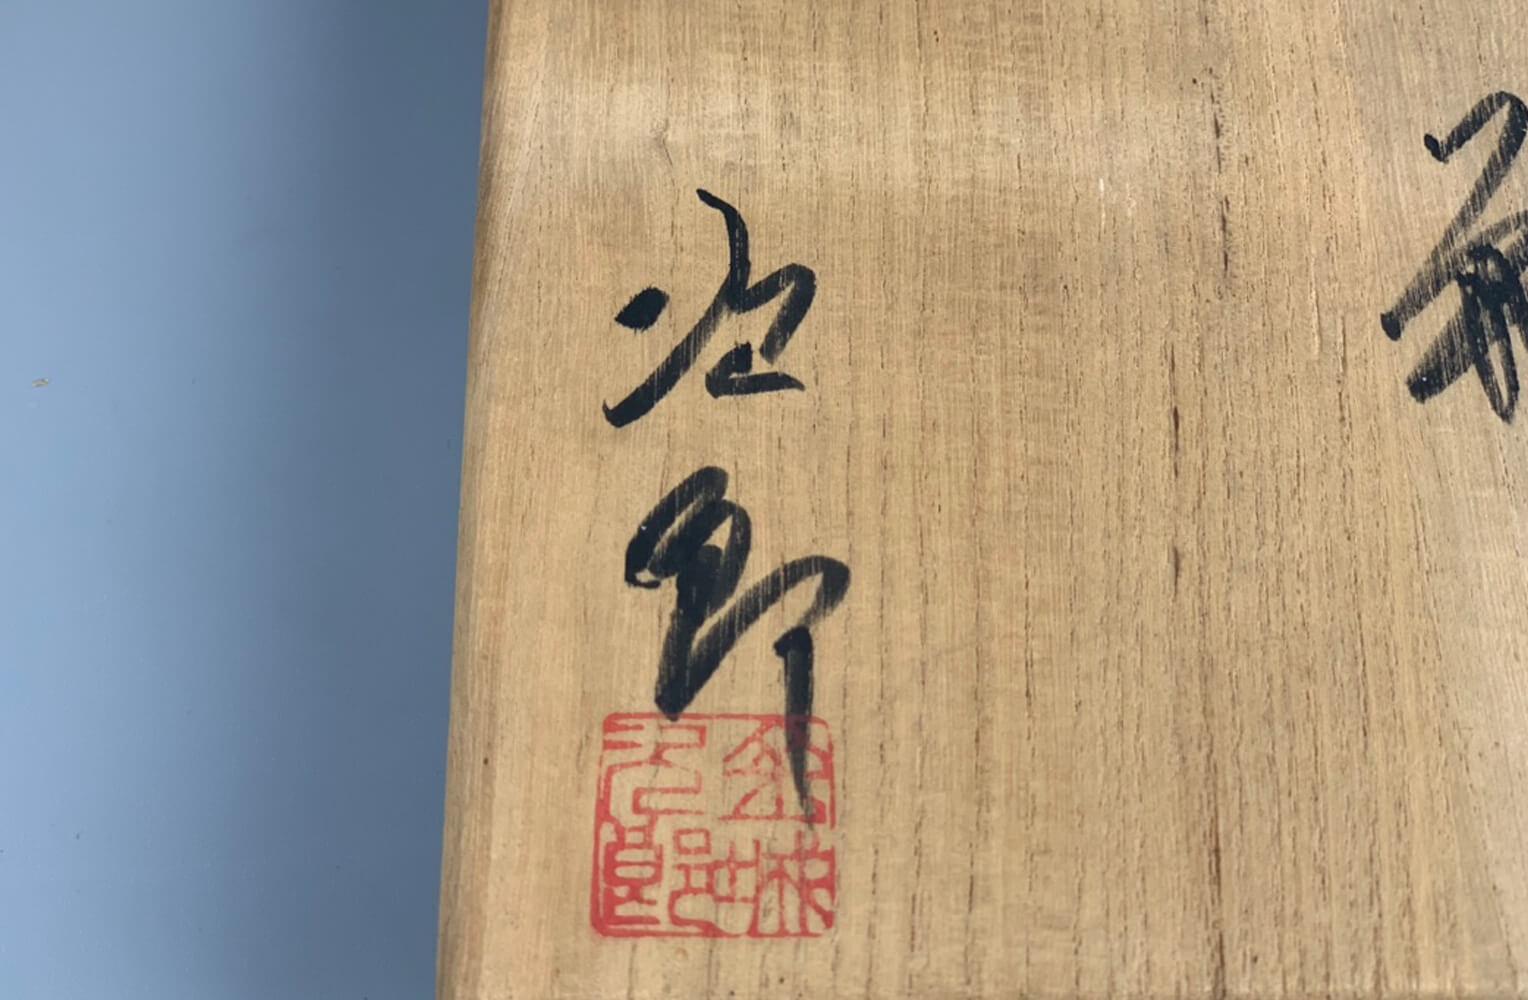 金城次郎「花瓶」サイン画像